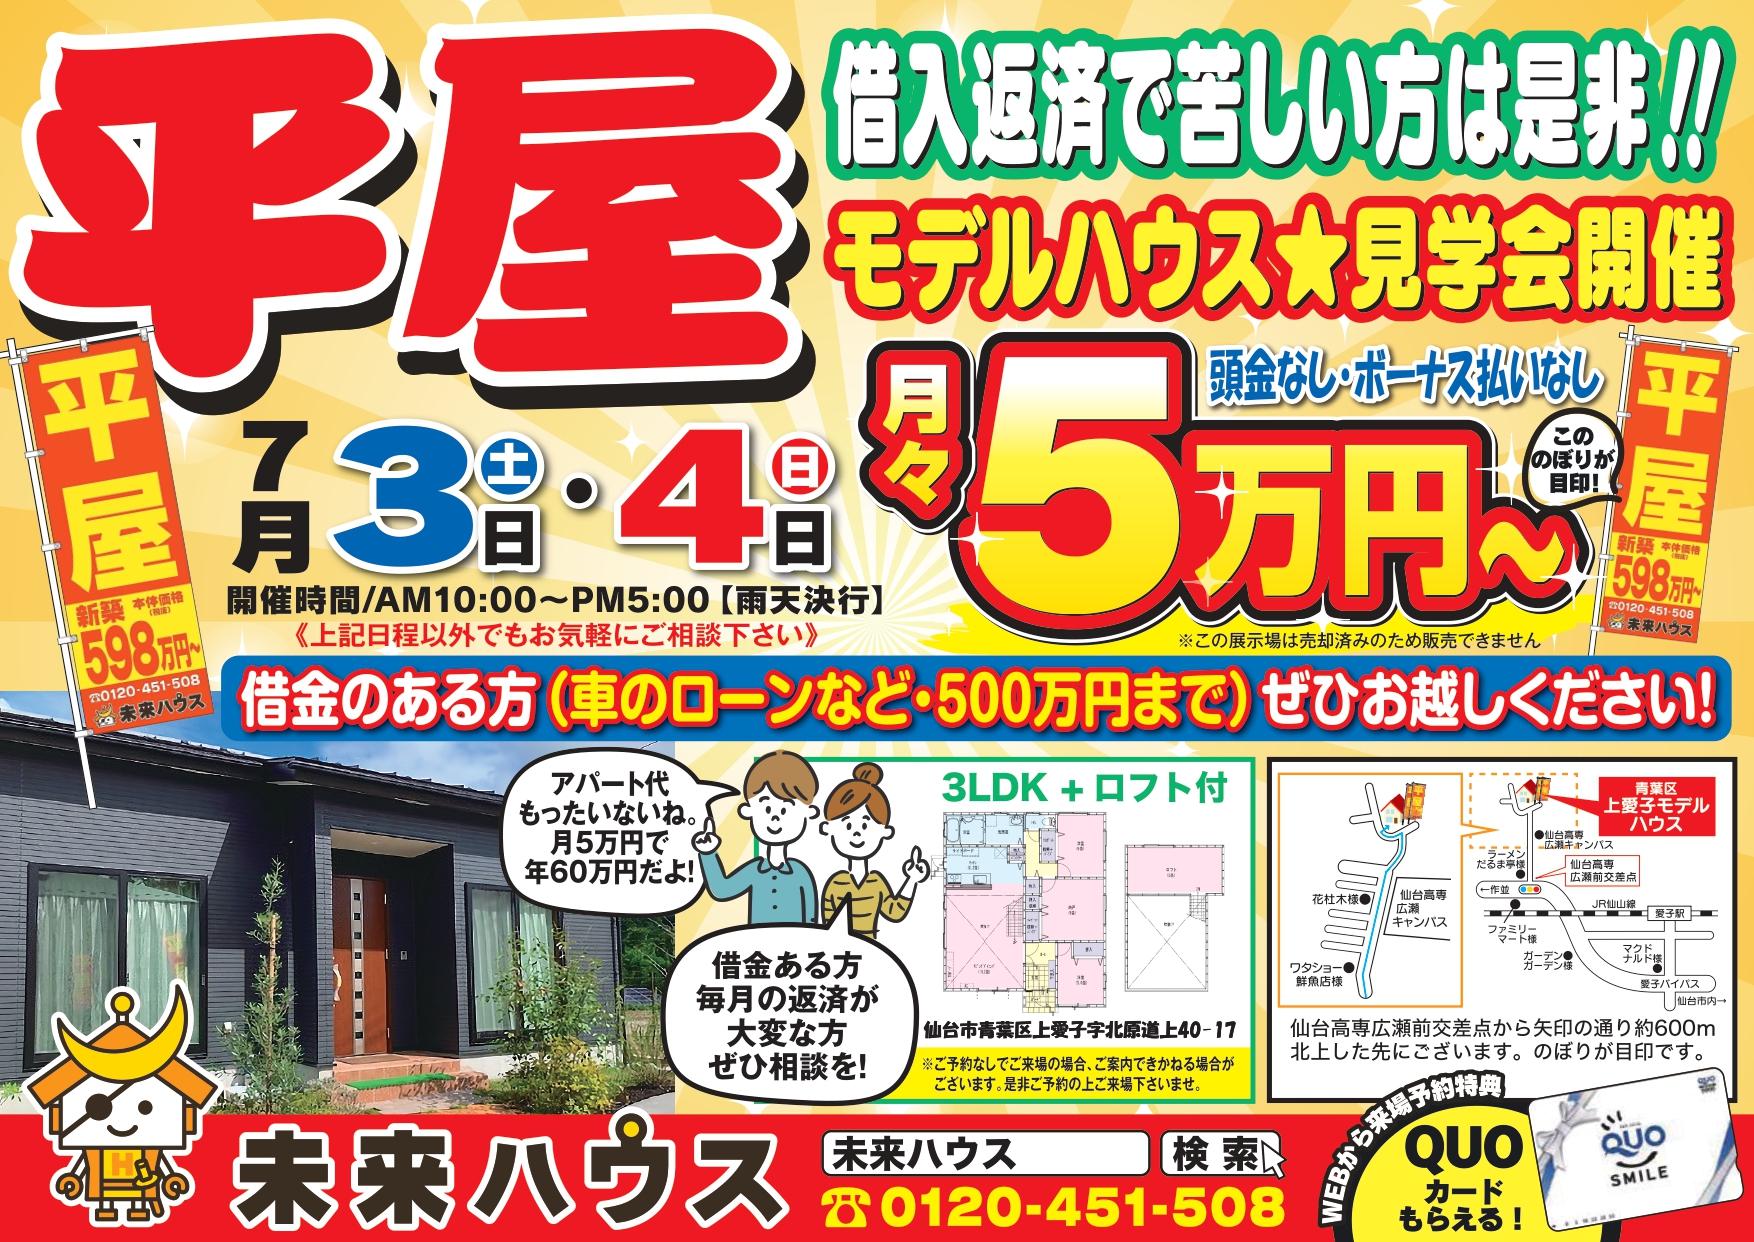 7月3日(土)・4日(日) 上愛子平屋モデルハウス